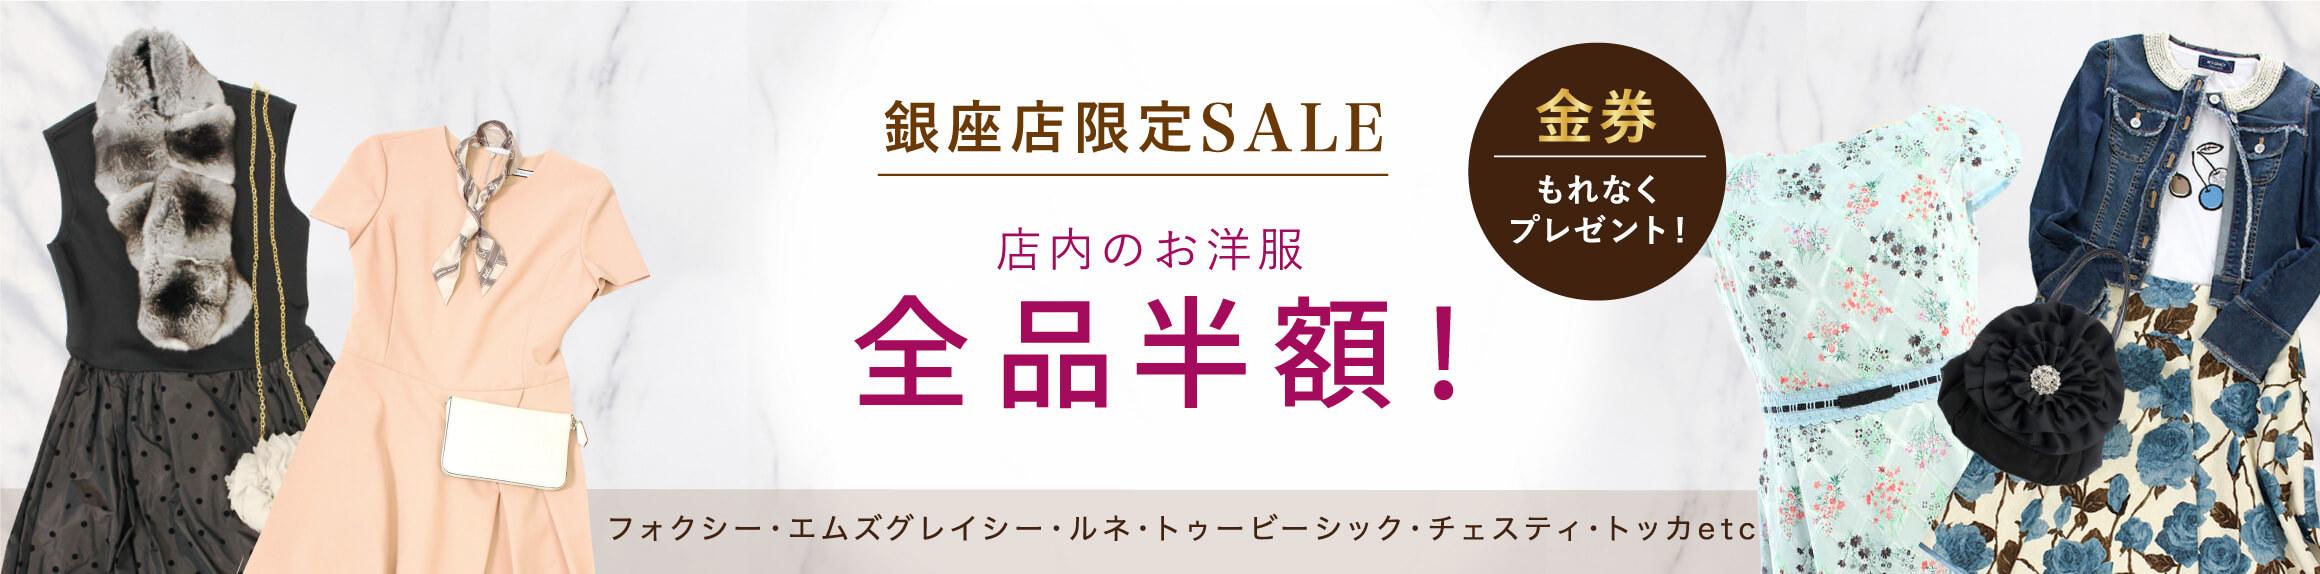 銀座セール20200929